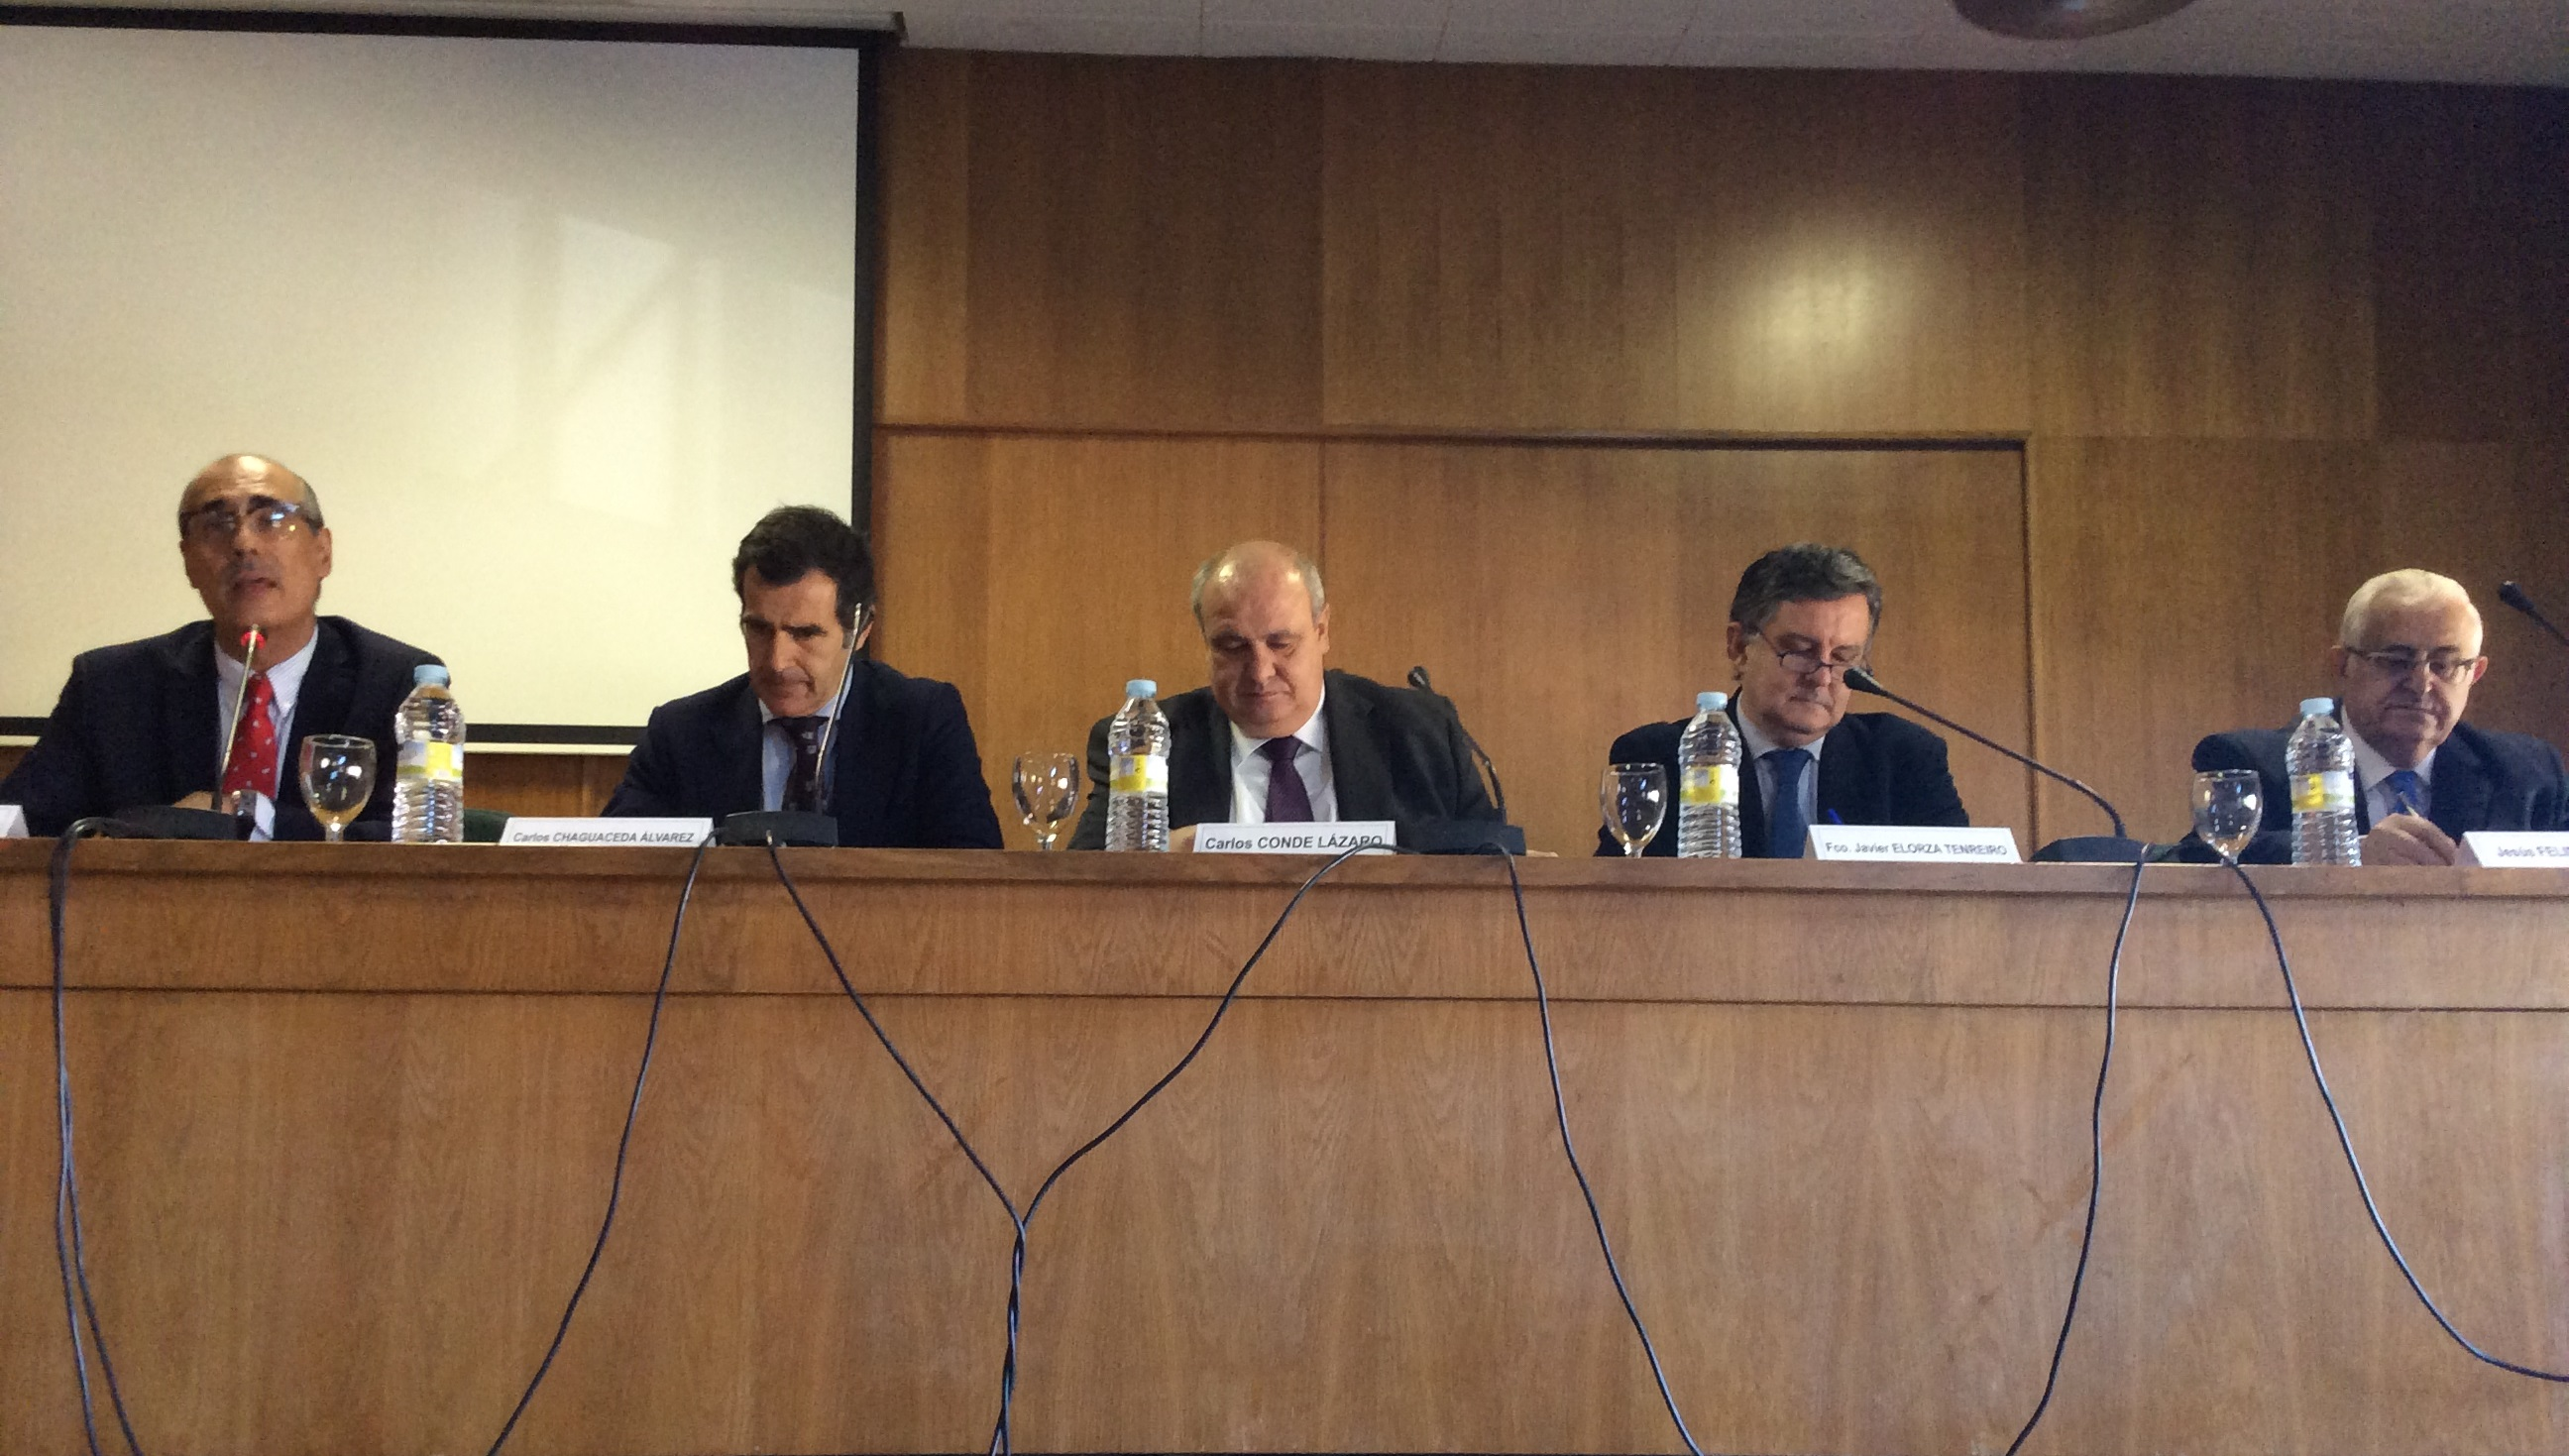 De izquierda a derecha: Dr. José Antonio Sánchez Núñez, D. Carlos Chaguaceda Álvarez, Dr. Carlos Conde Lázaro, Dr. Francisco Javier Elorza Tenreiro y D. Jesús Felipe Gallego